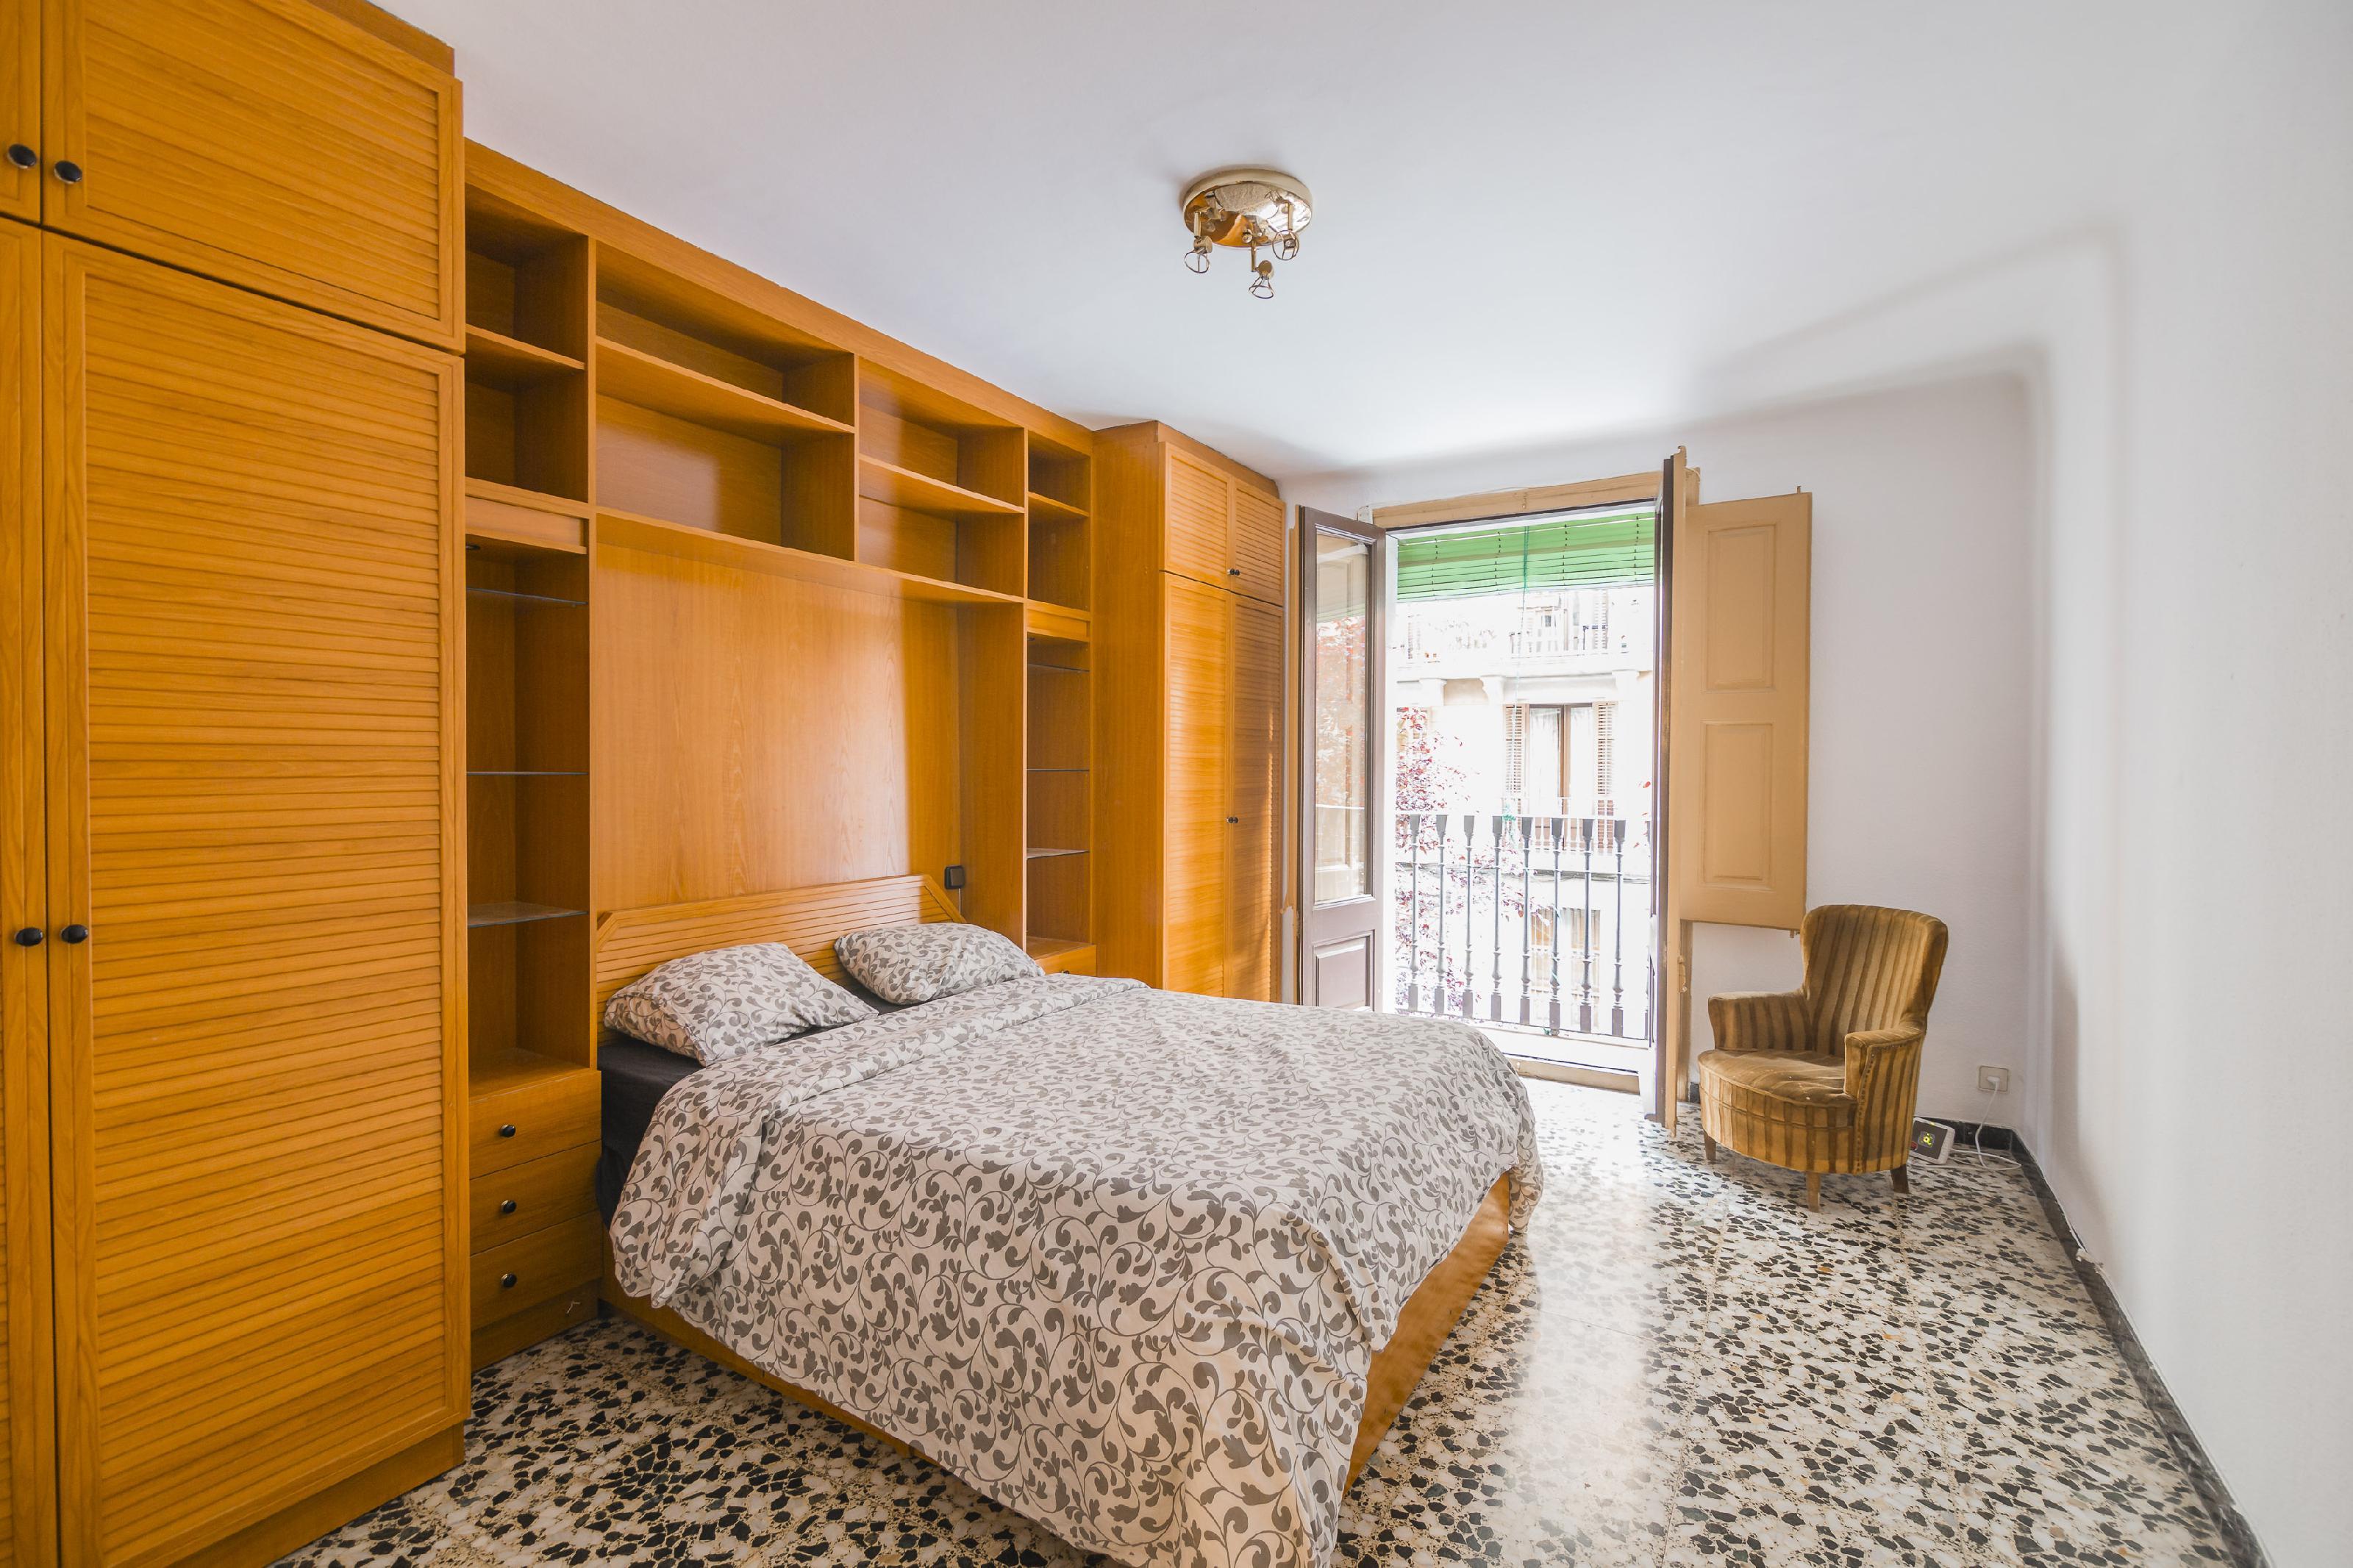 249648 Piso en venda en Ciutat Vella, El Raval 3